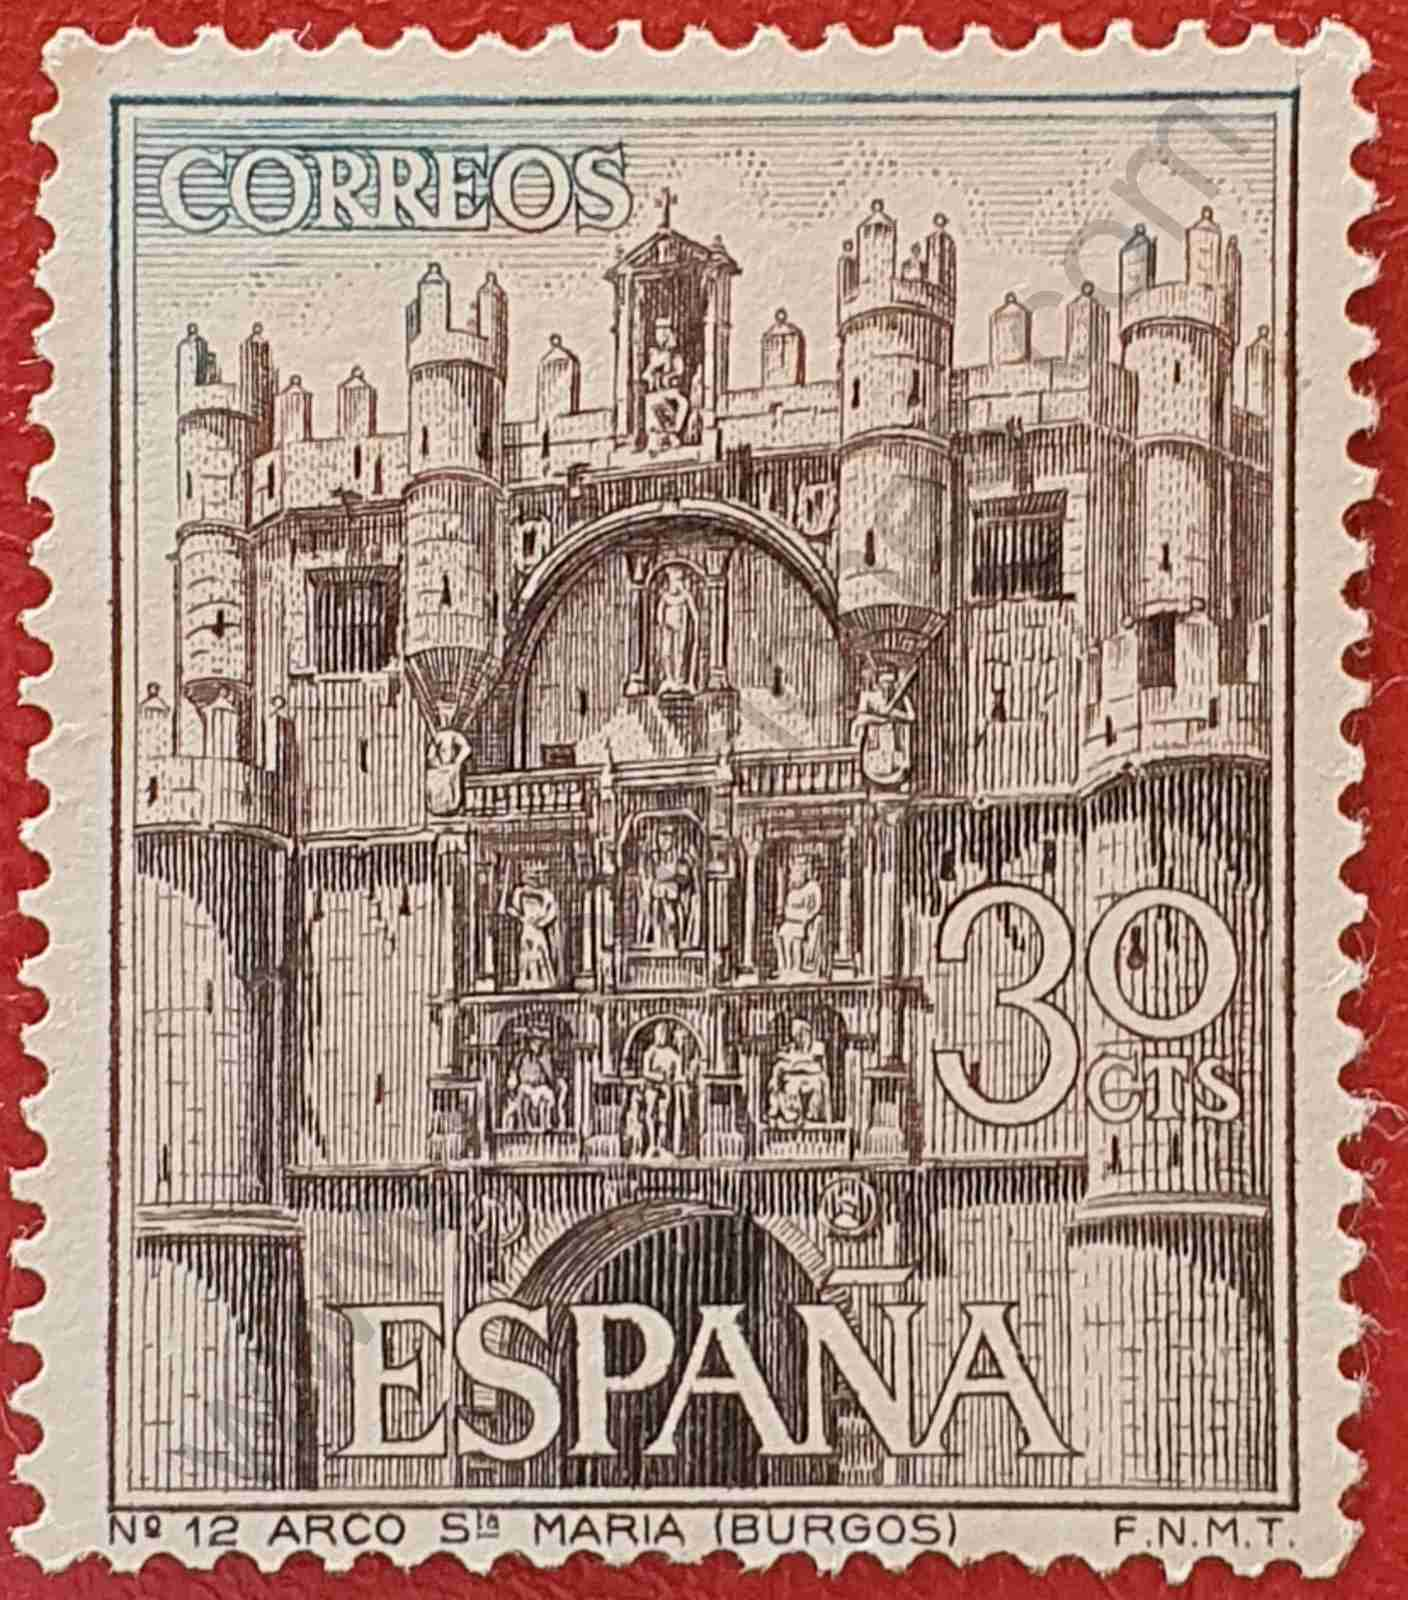 Arco de Santa María en Burgos - Sello España 1965